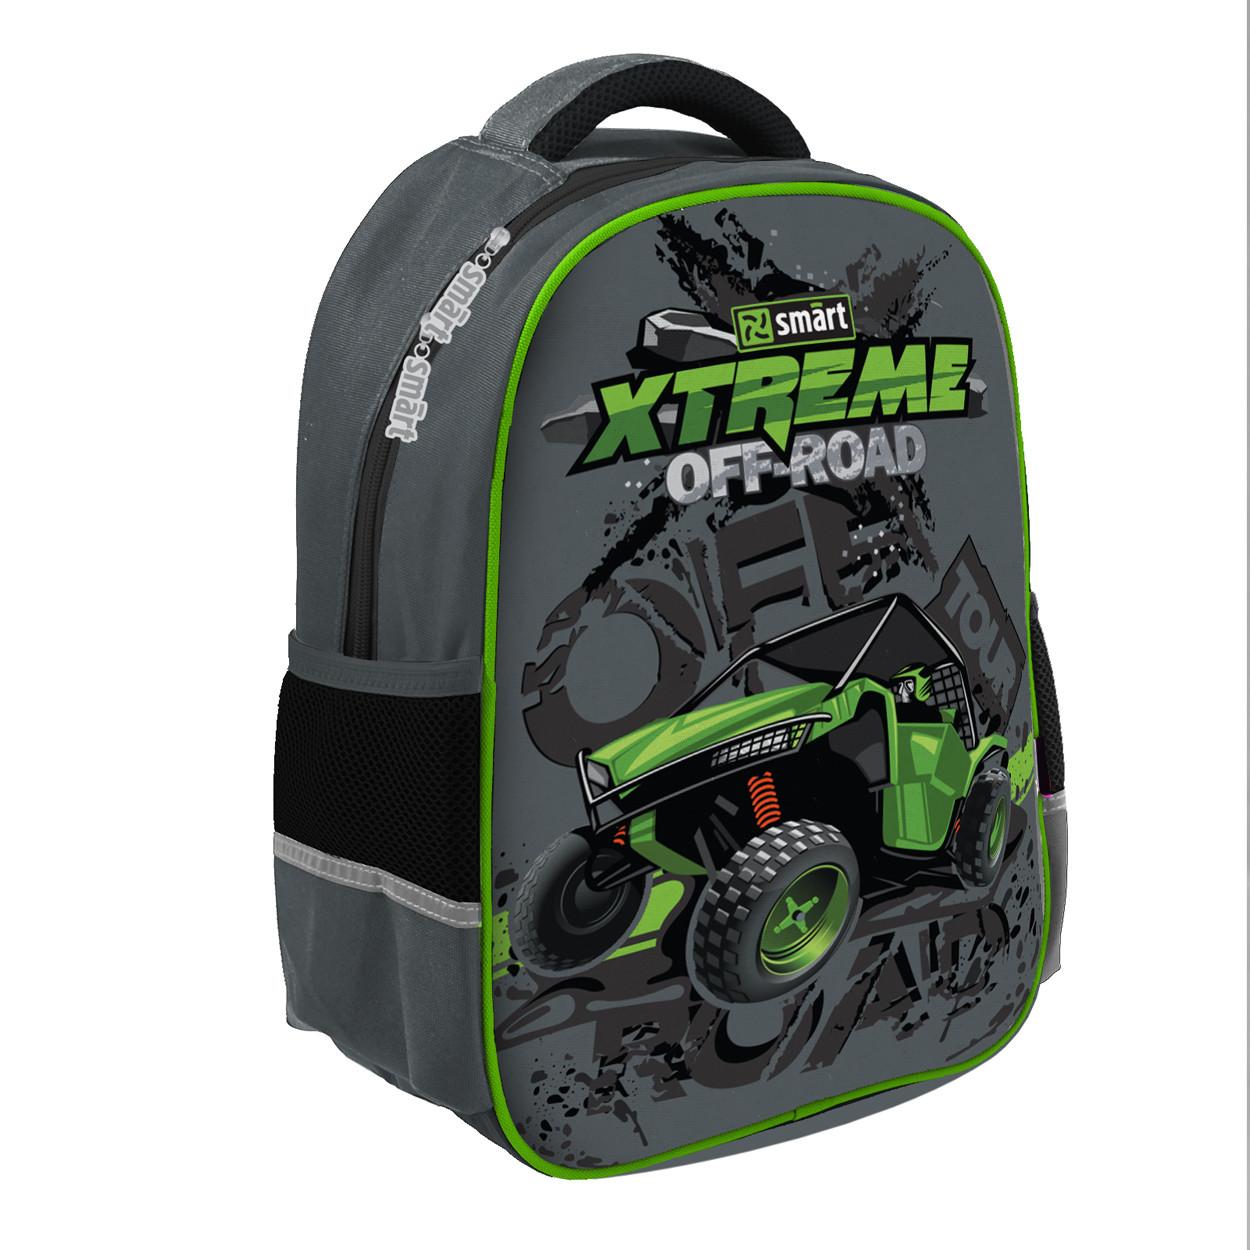 Школьный каркасный рюкзак с ортопедической спинкой SMART SM-02 X-Trime 36х27х14см Серый (558186)+Подарок 3 месяца пользования приложением Родительский